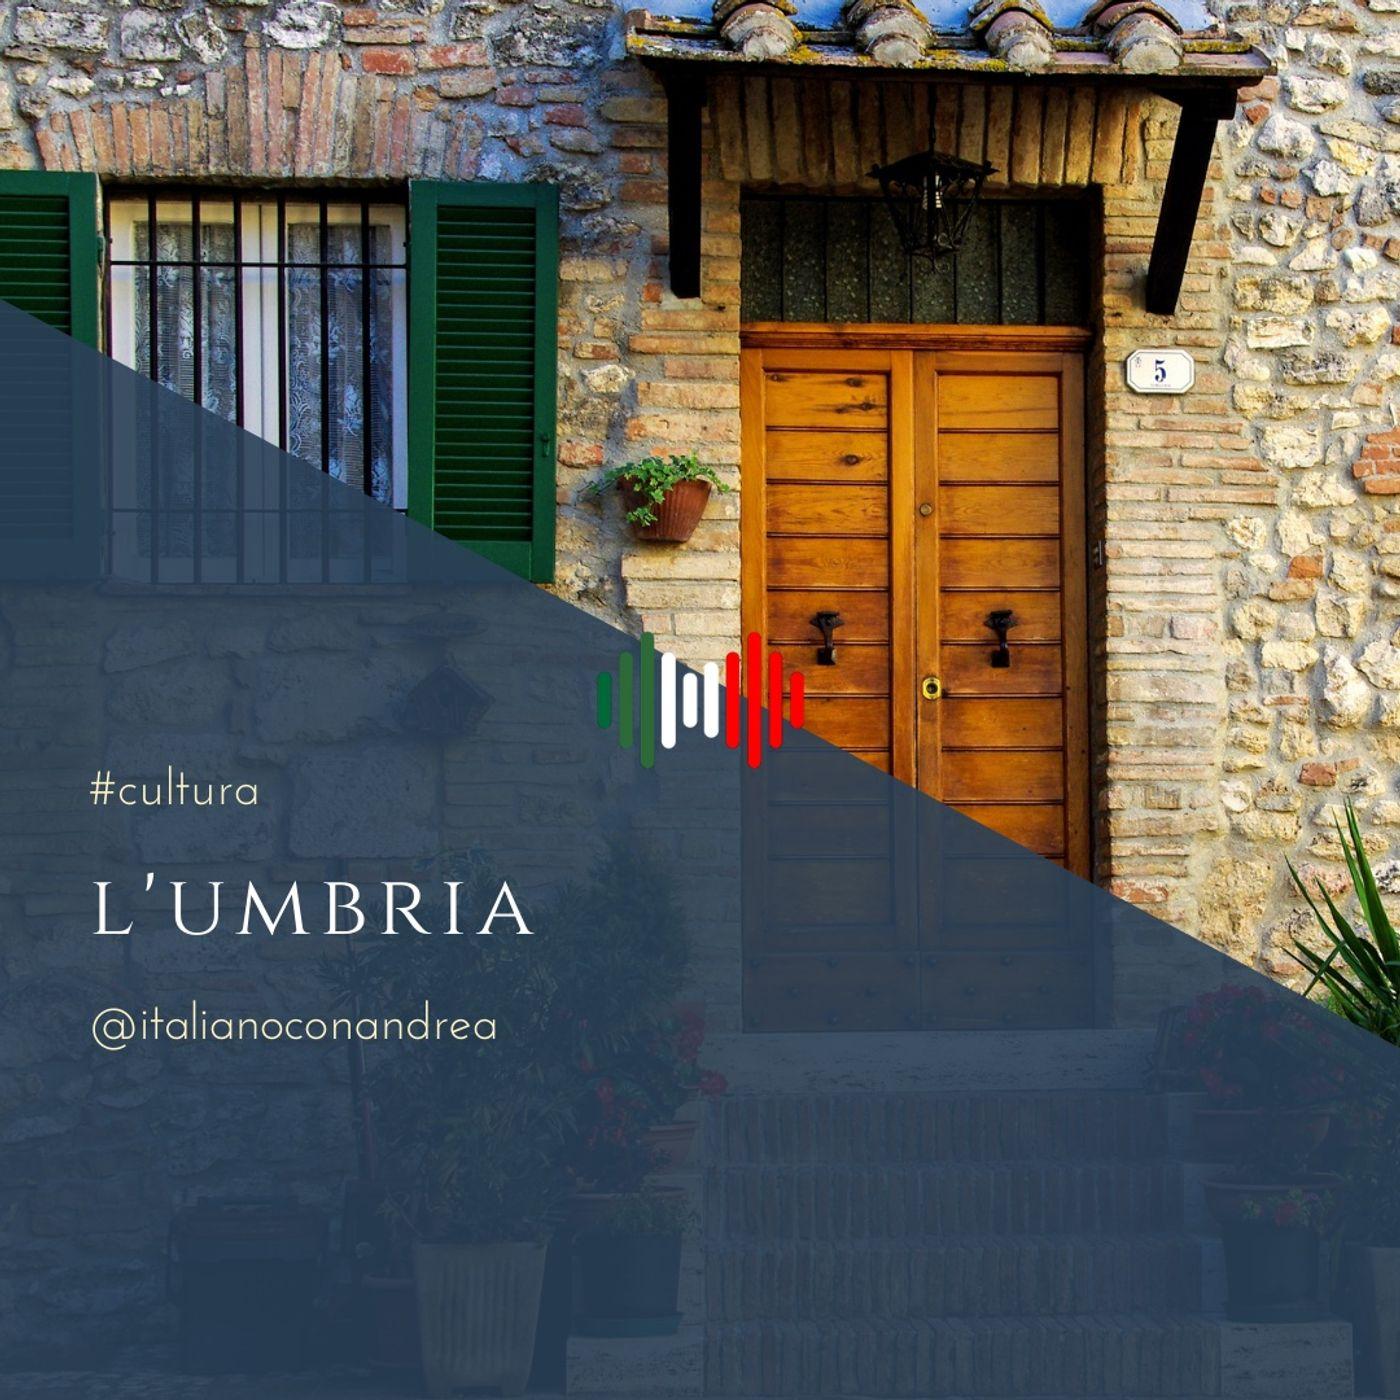 270. CULTURA: Umbria